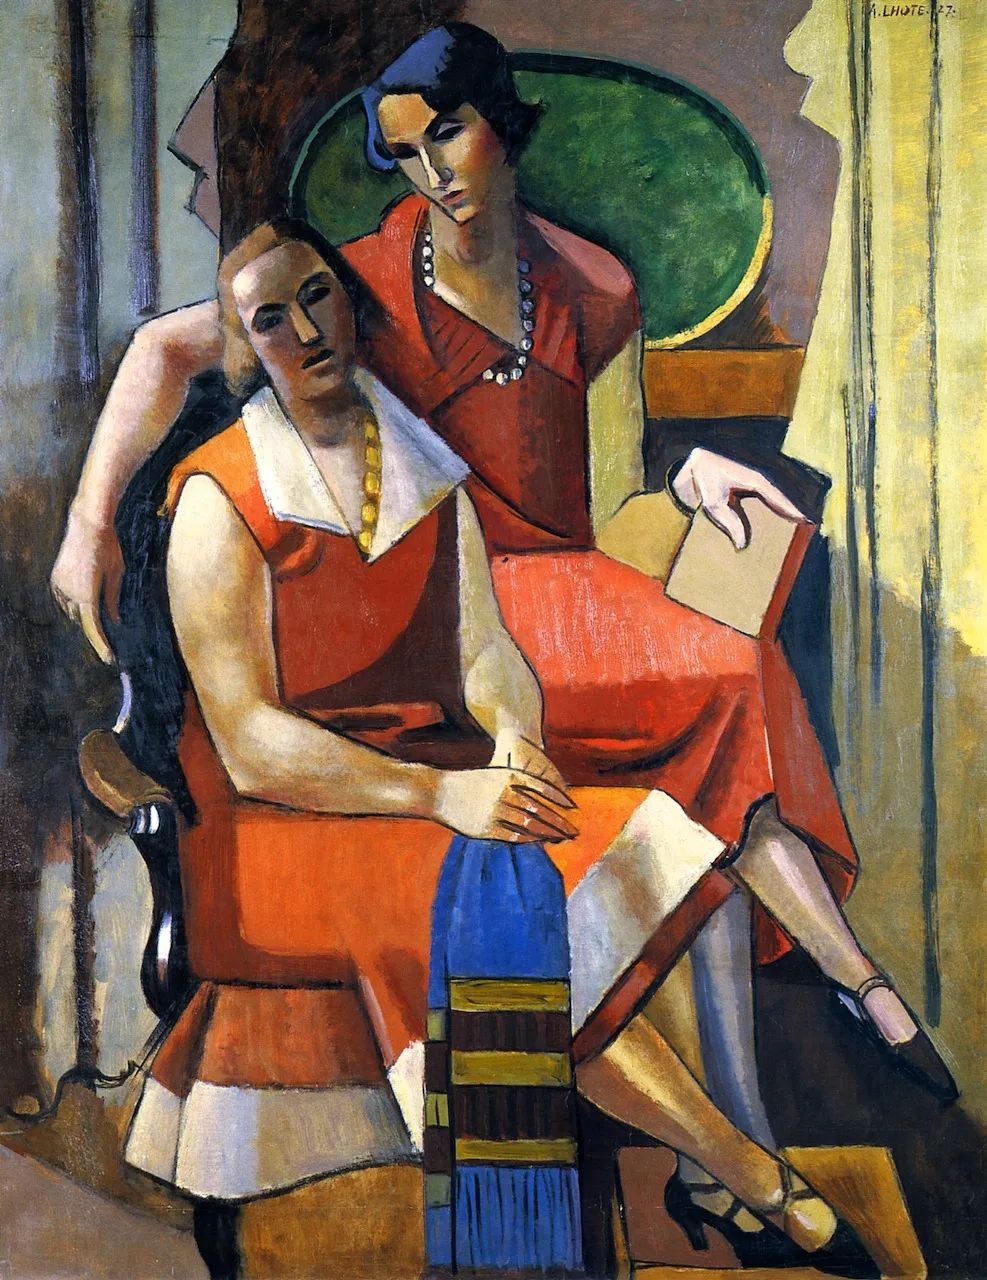 立体派,法国画家安德烈·洛特插图85